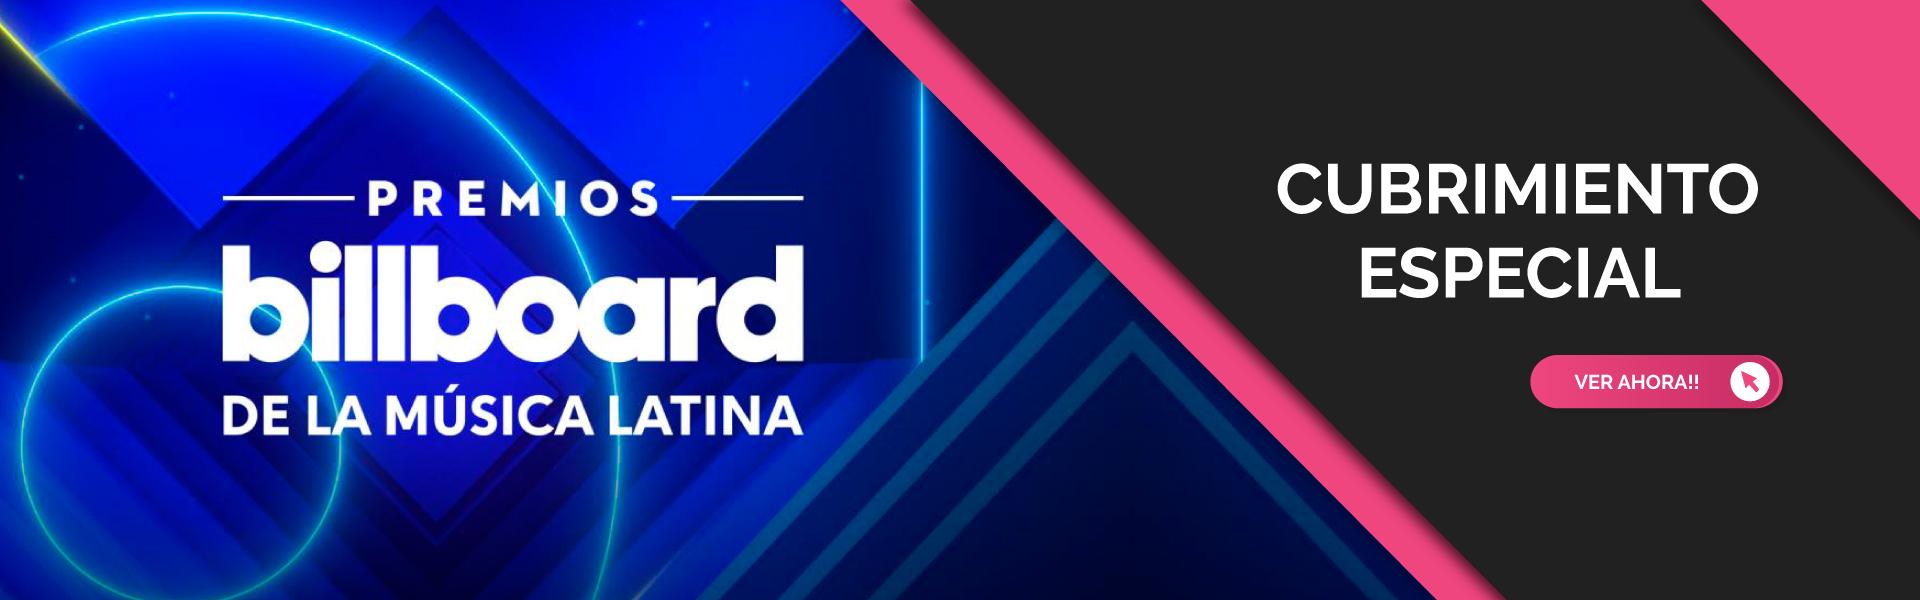 premios-billboard